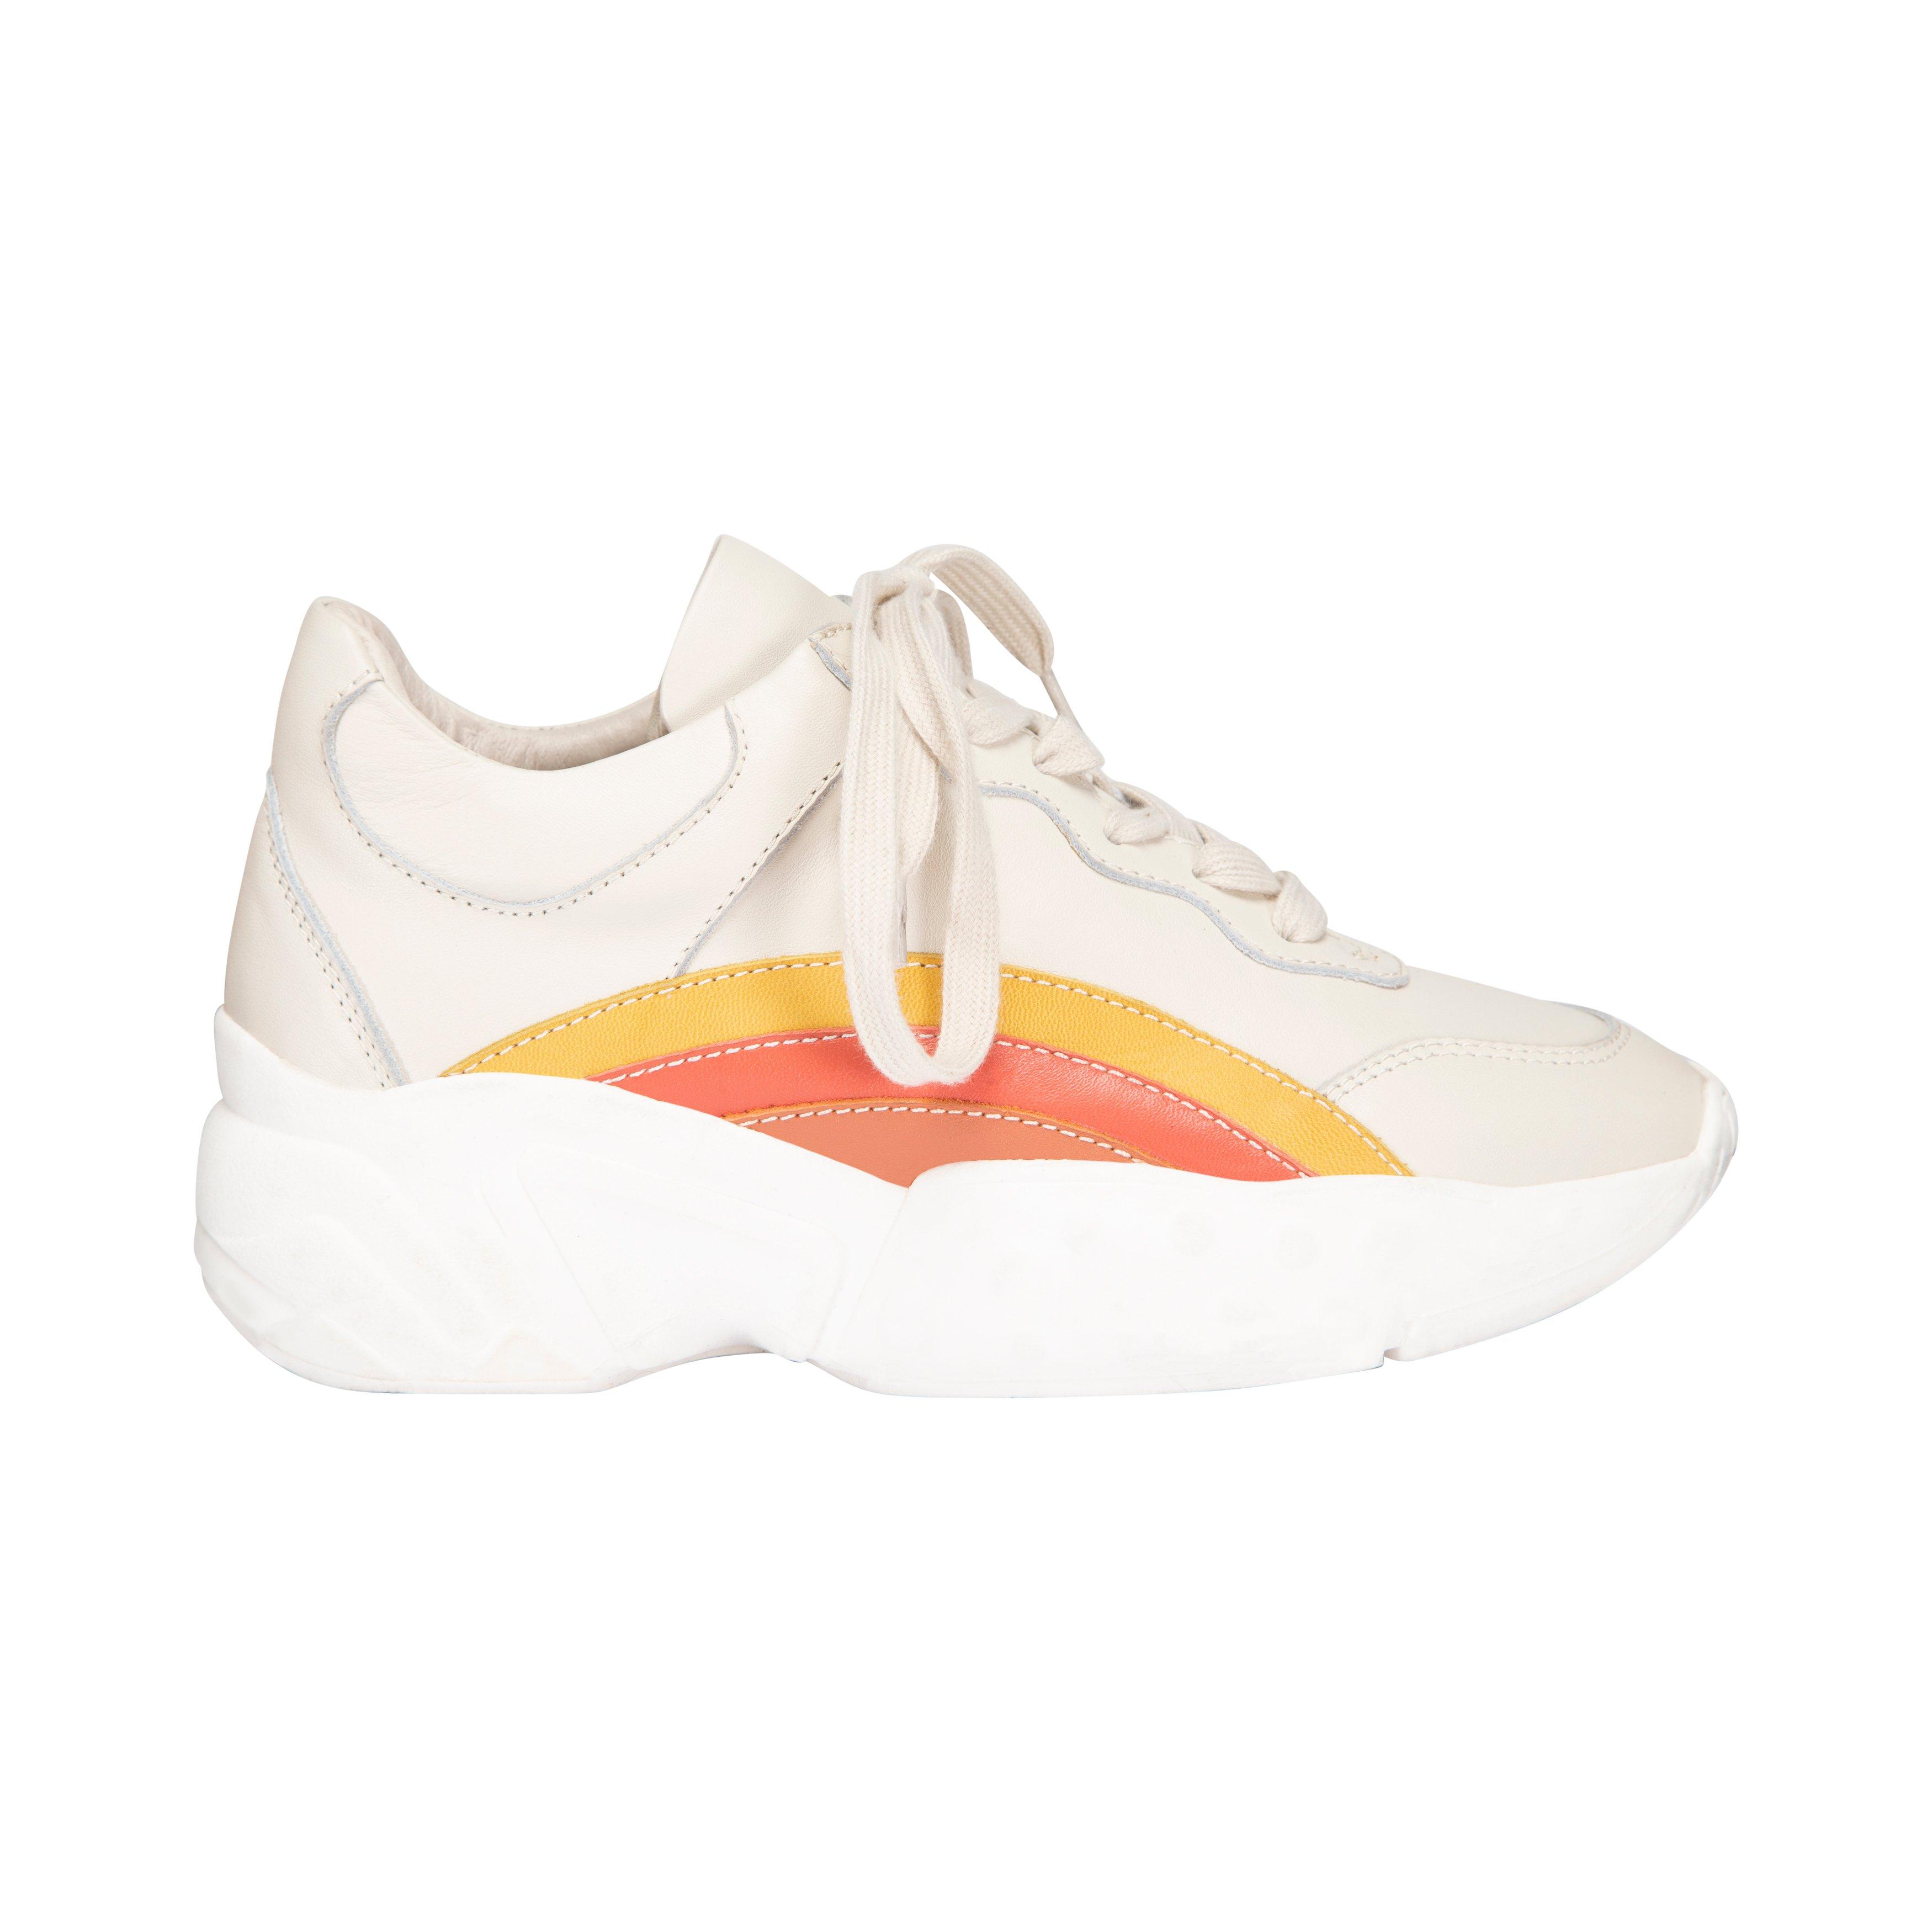 d209362af0a Sofie Schnoor rainbow sneakers - Studio 10